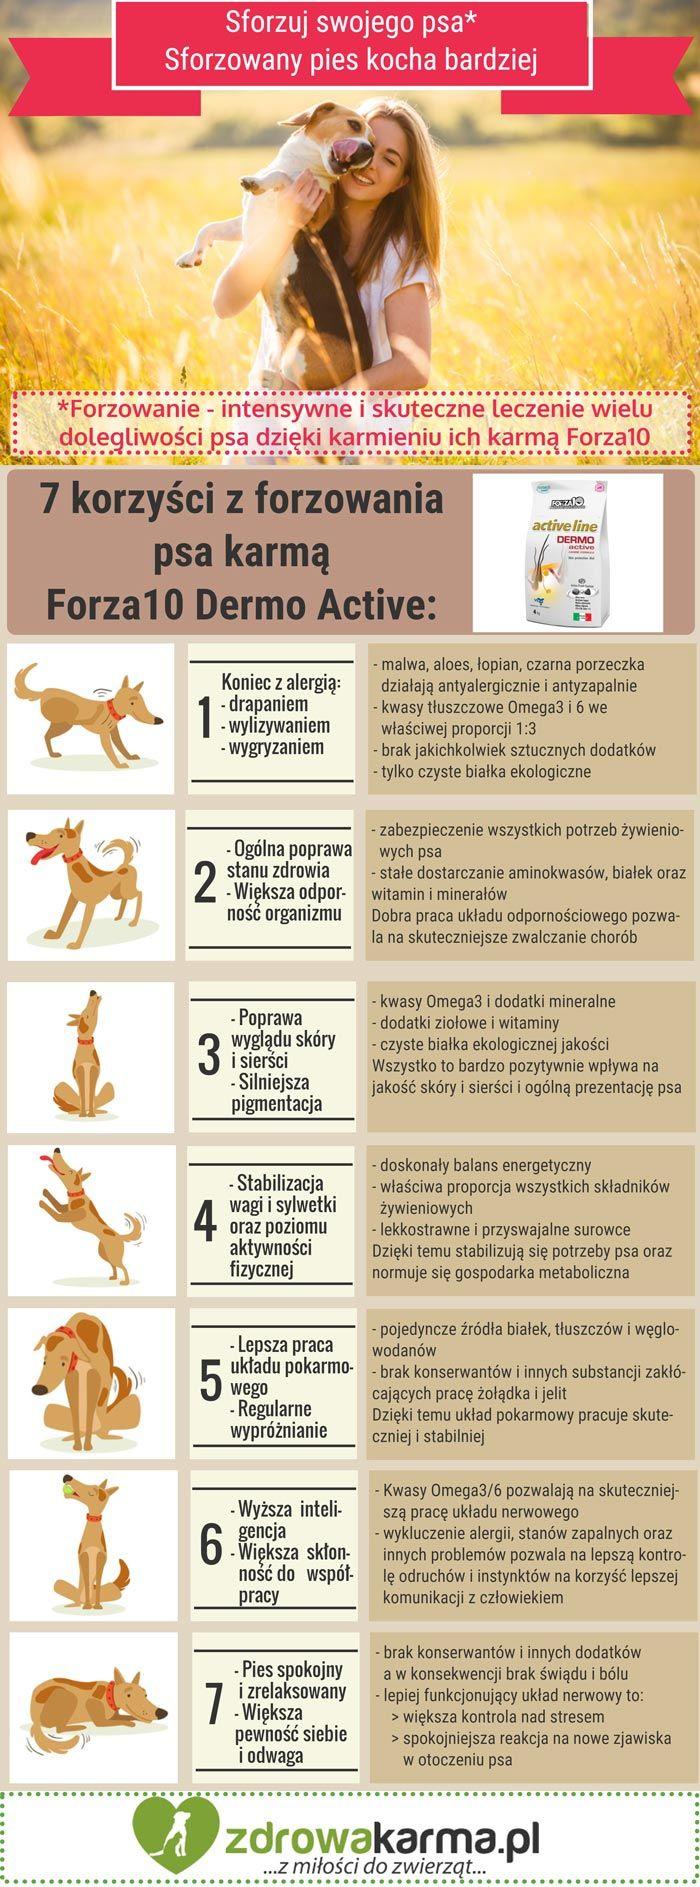 Karmienie psa dobrą karmą ma wpływ na wiele elementów jego życia. Zobacz ile korzyści daje karmienie karmą Forza10 Dermo Active